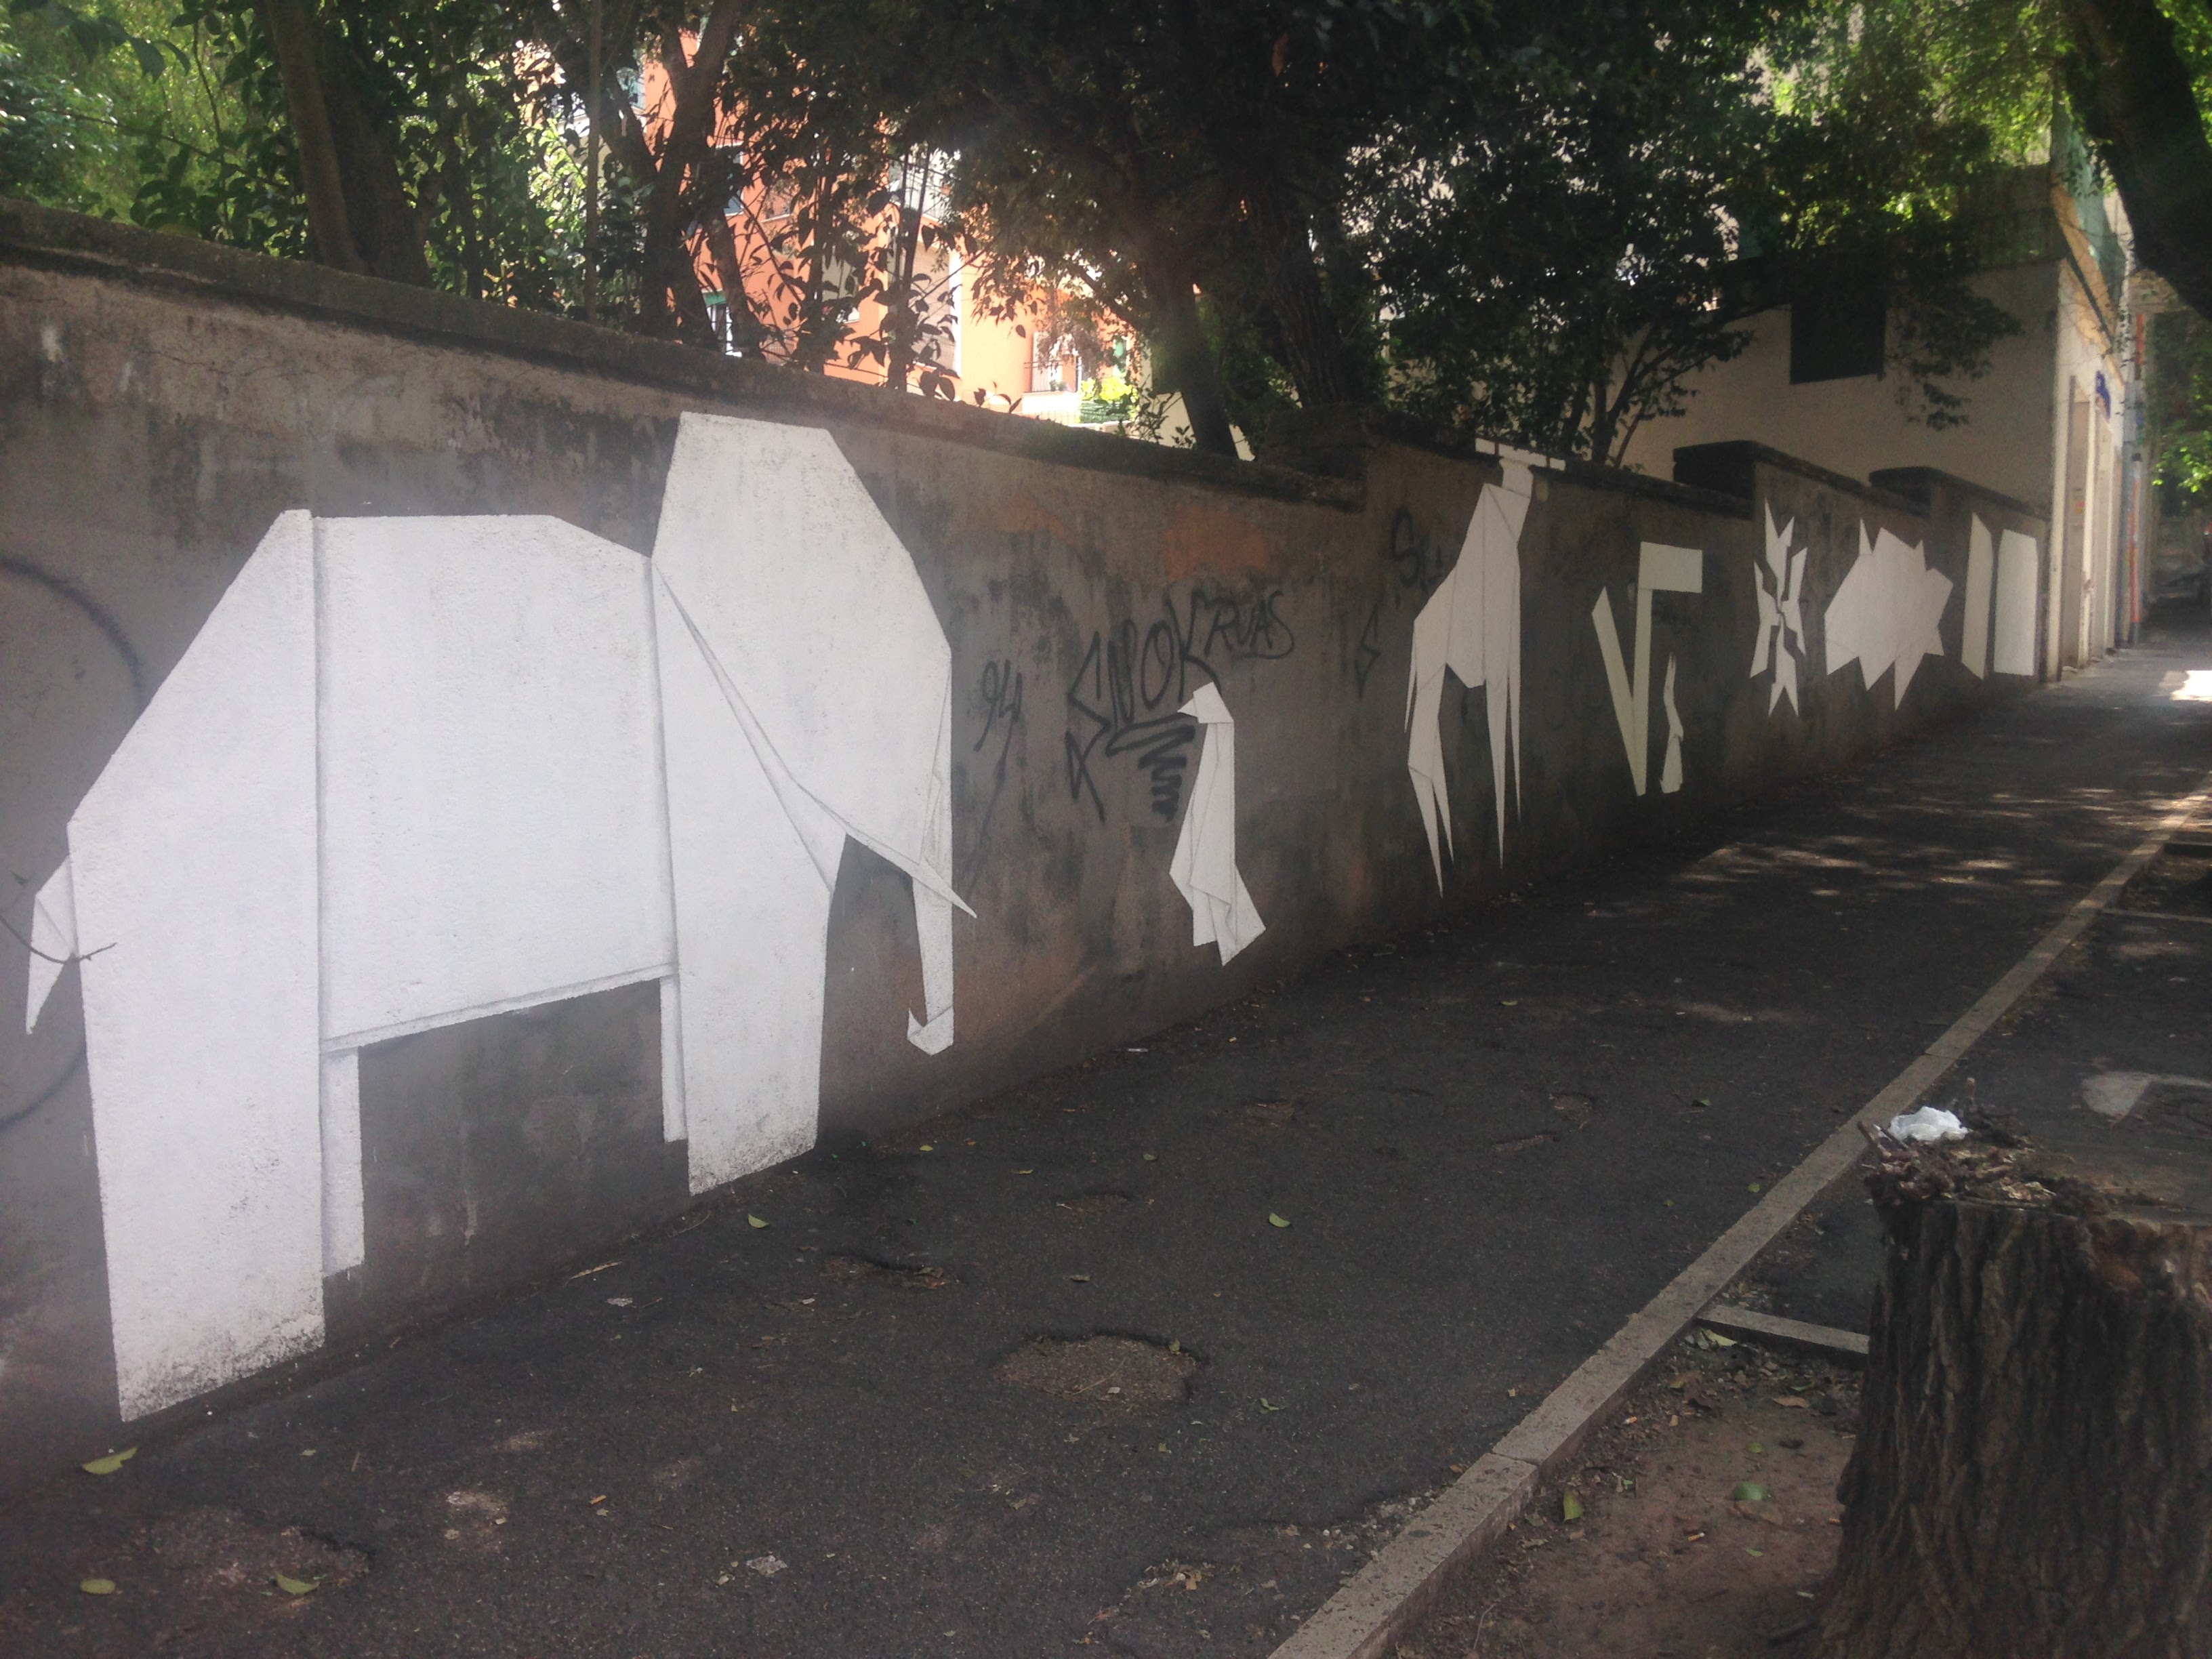 JUNIOR STREET ART